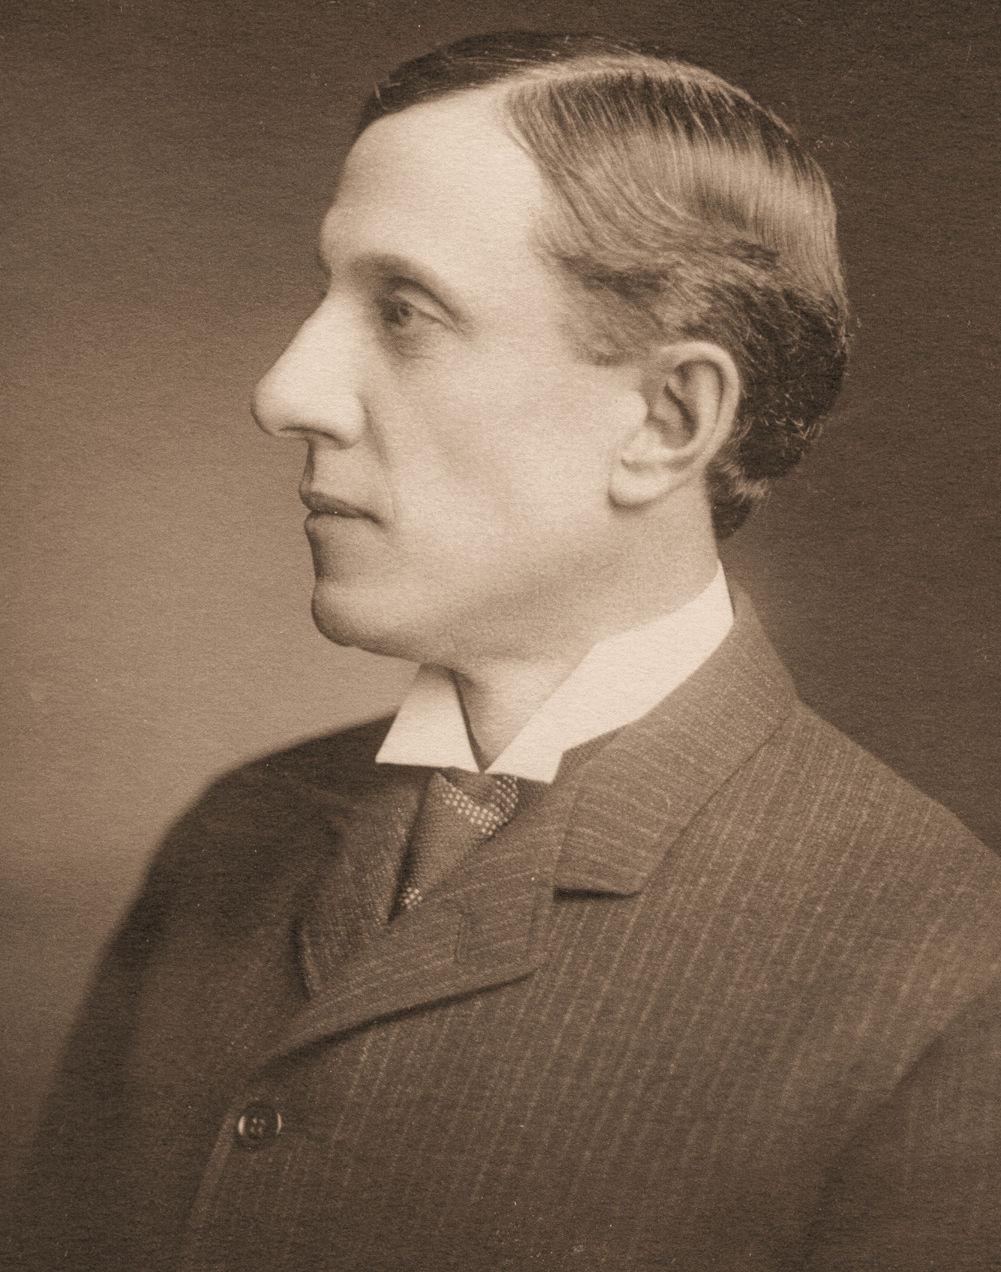 Jacob Van Orden